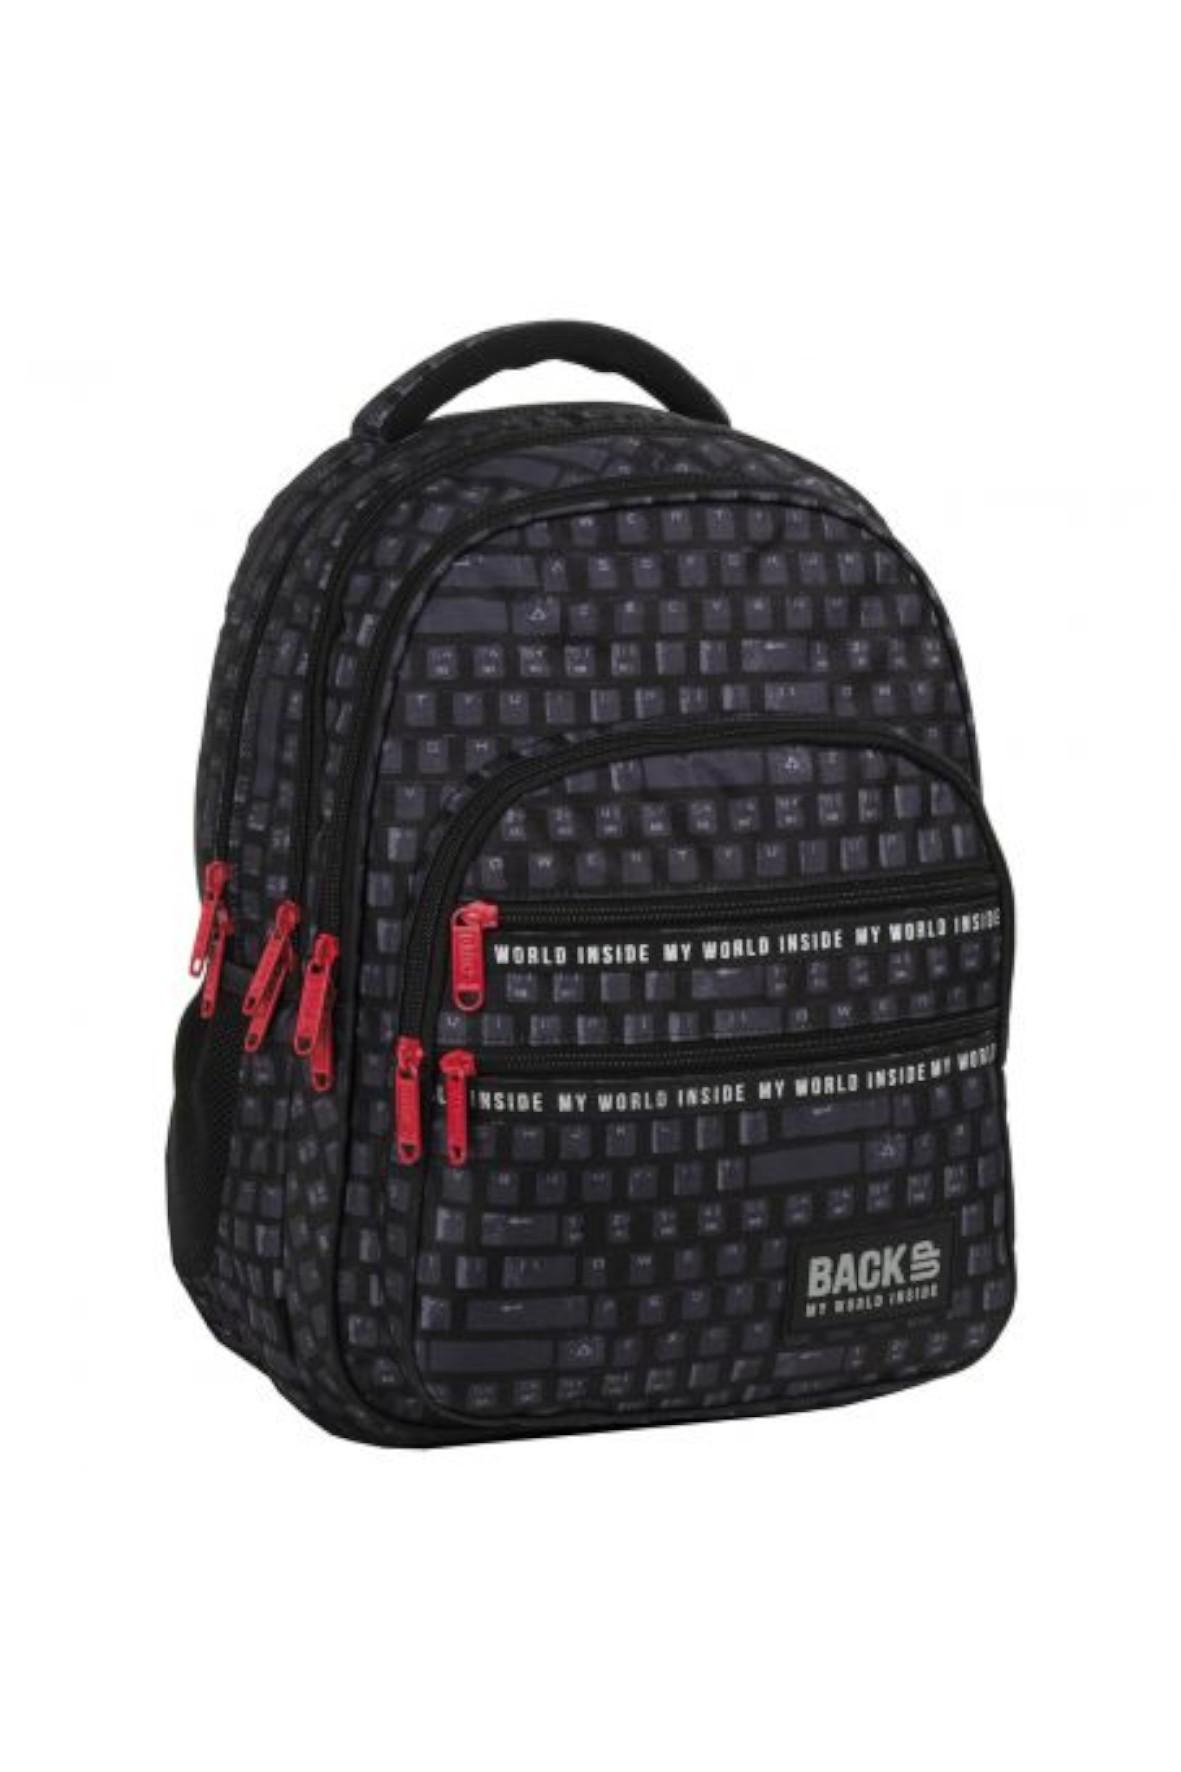 Plecak dla chłopca BackUp Klawiatura